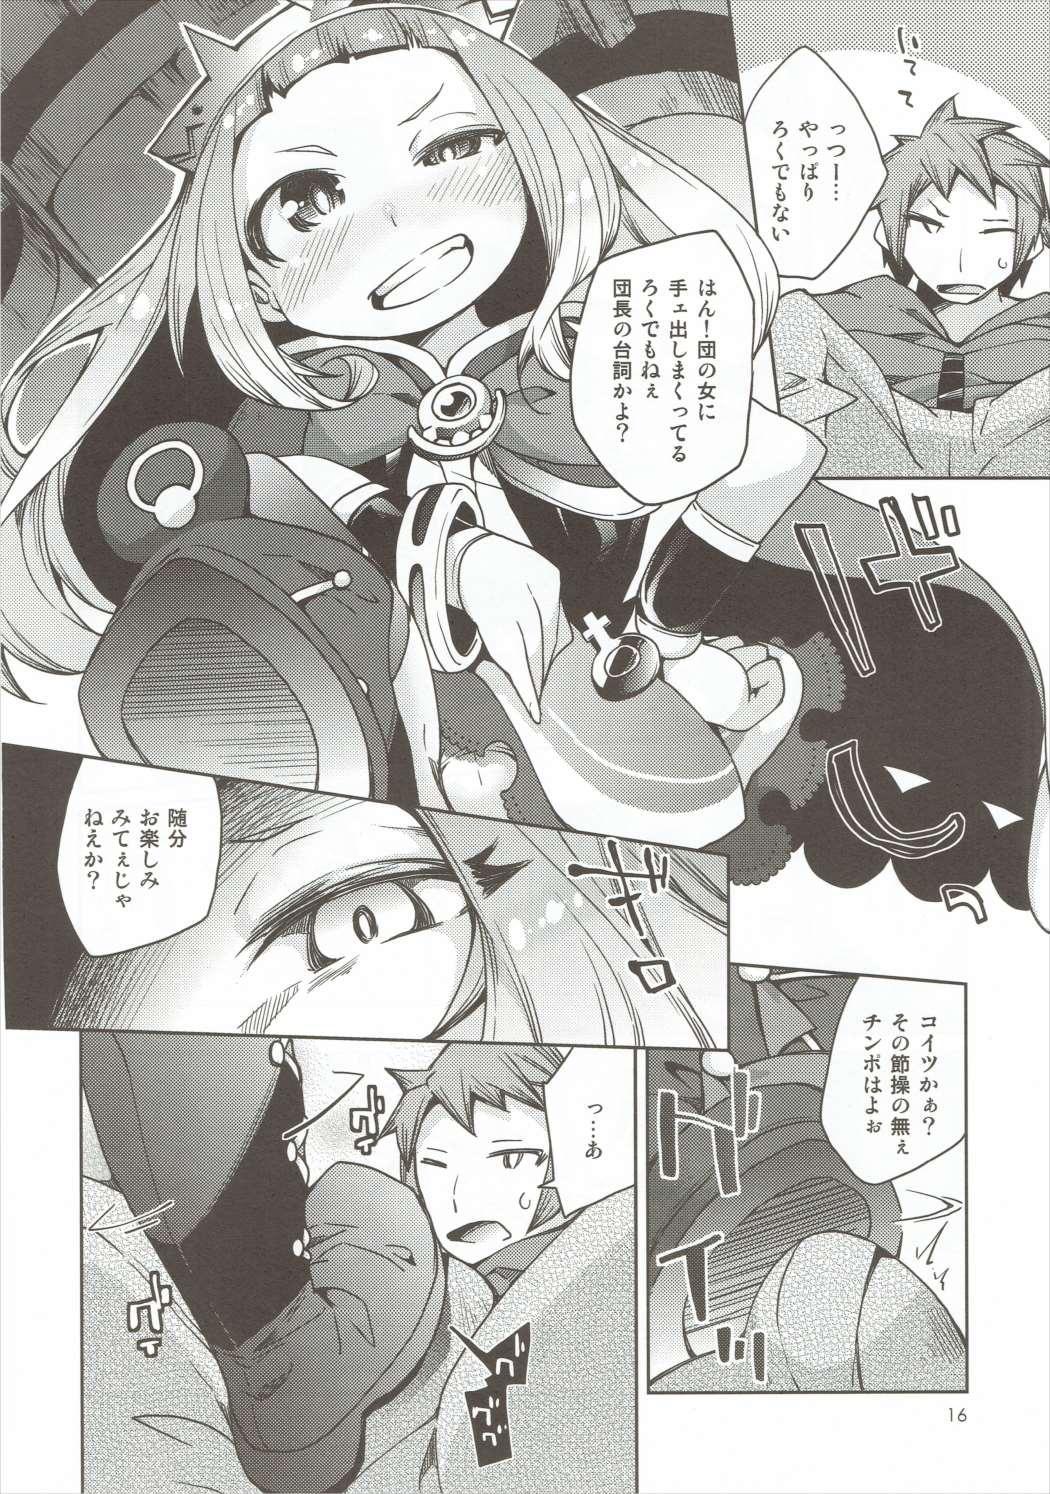 Osora no Ue de Ecchi Shiyo! 14